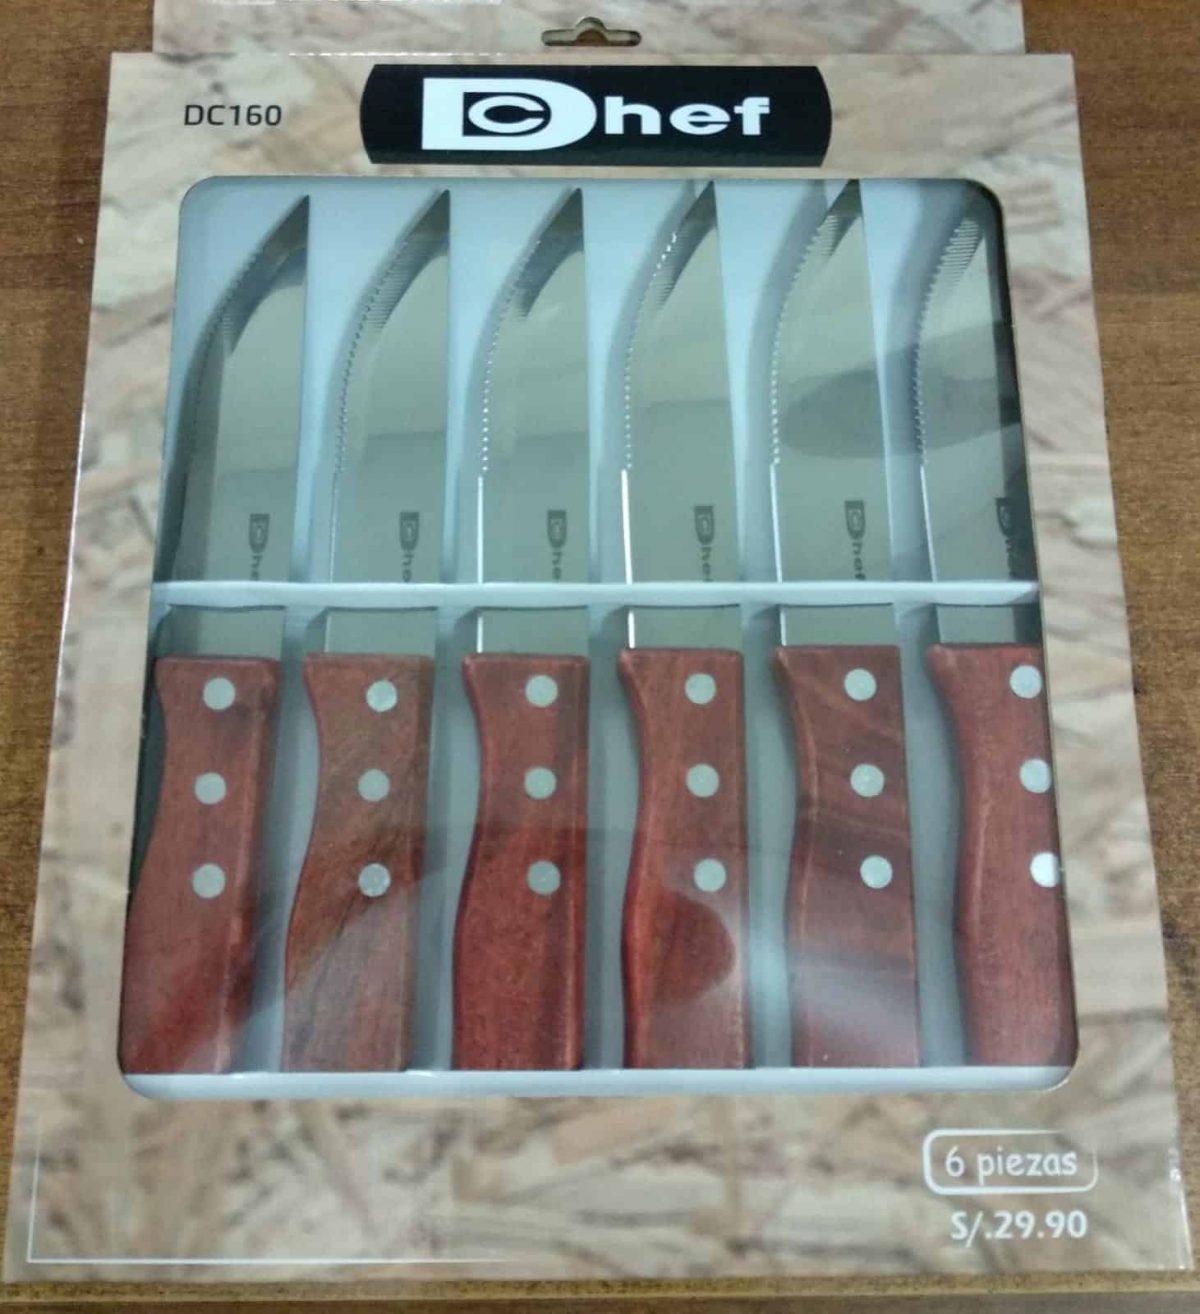 סט 6 סכיני סטייק דישף